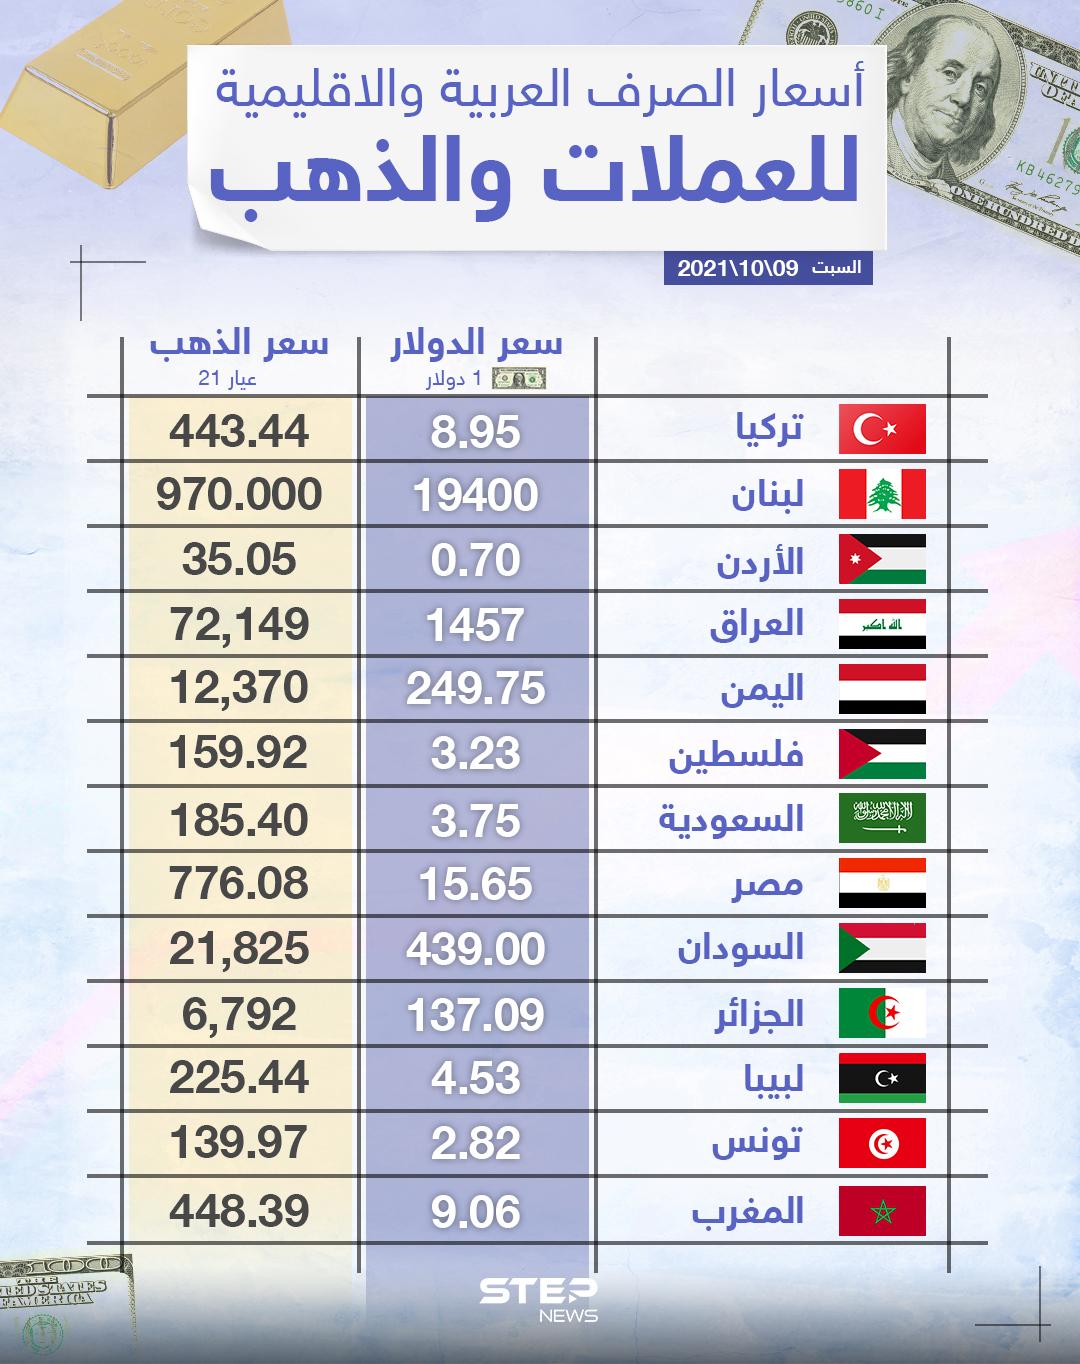 أسعار الذهب والعملات للدول العربية وتركيا اليوم السبت الموافق 09 تشرين الأول 2021